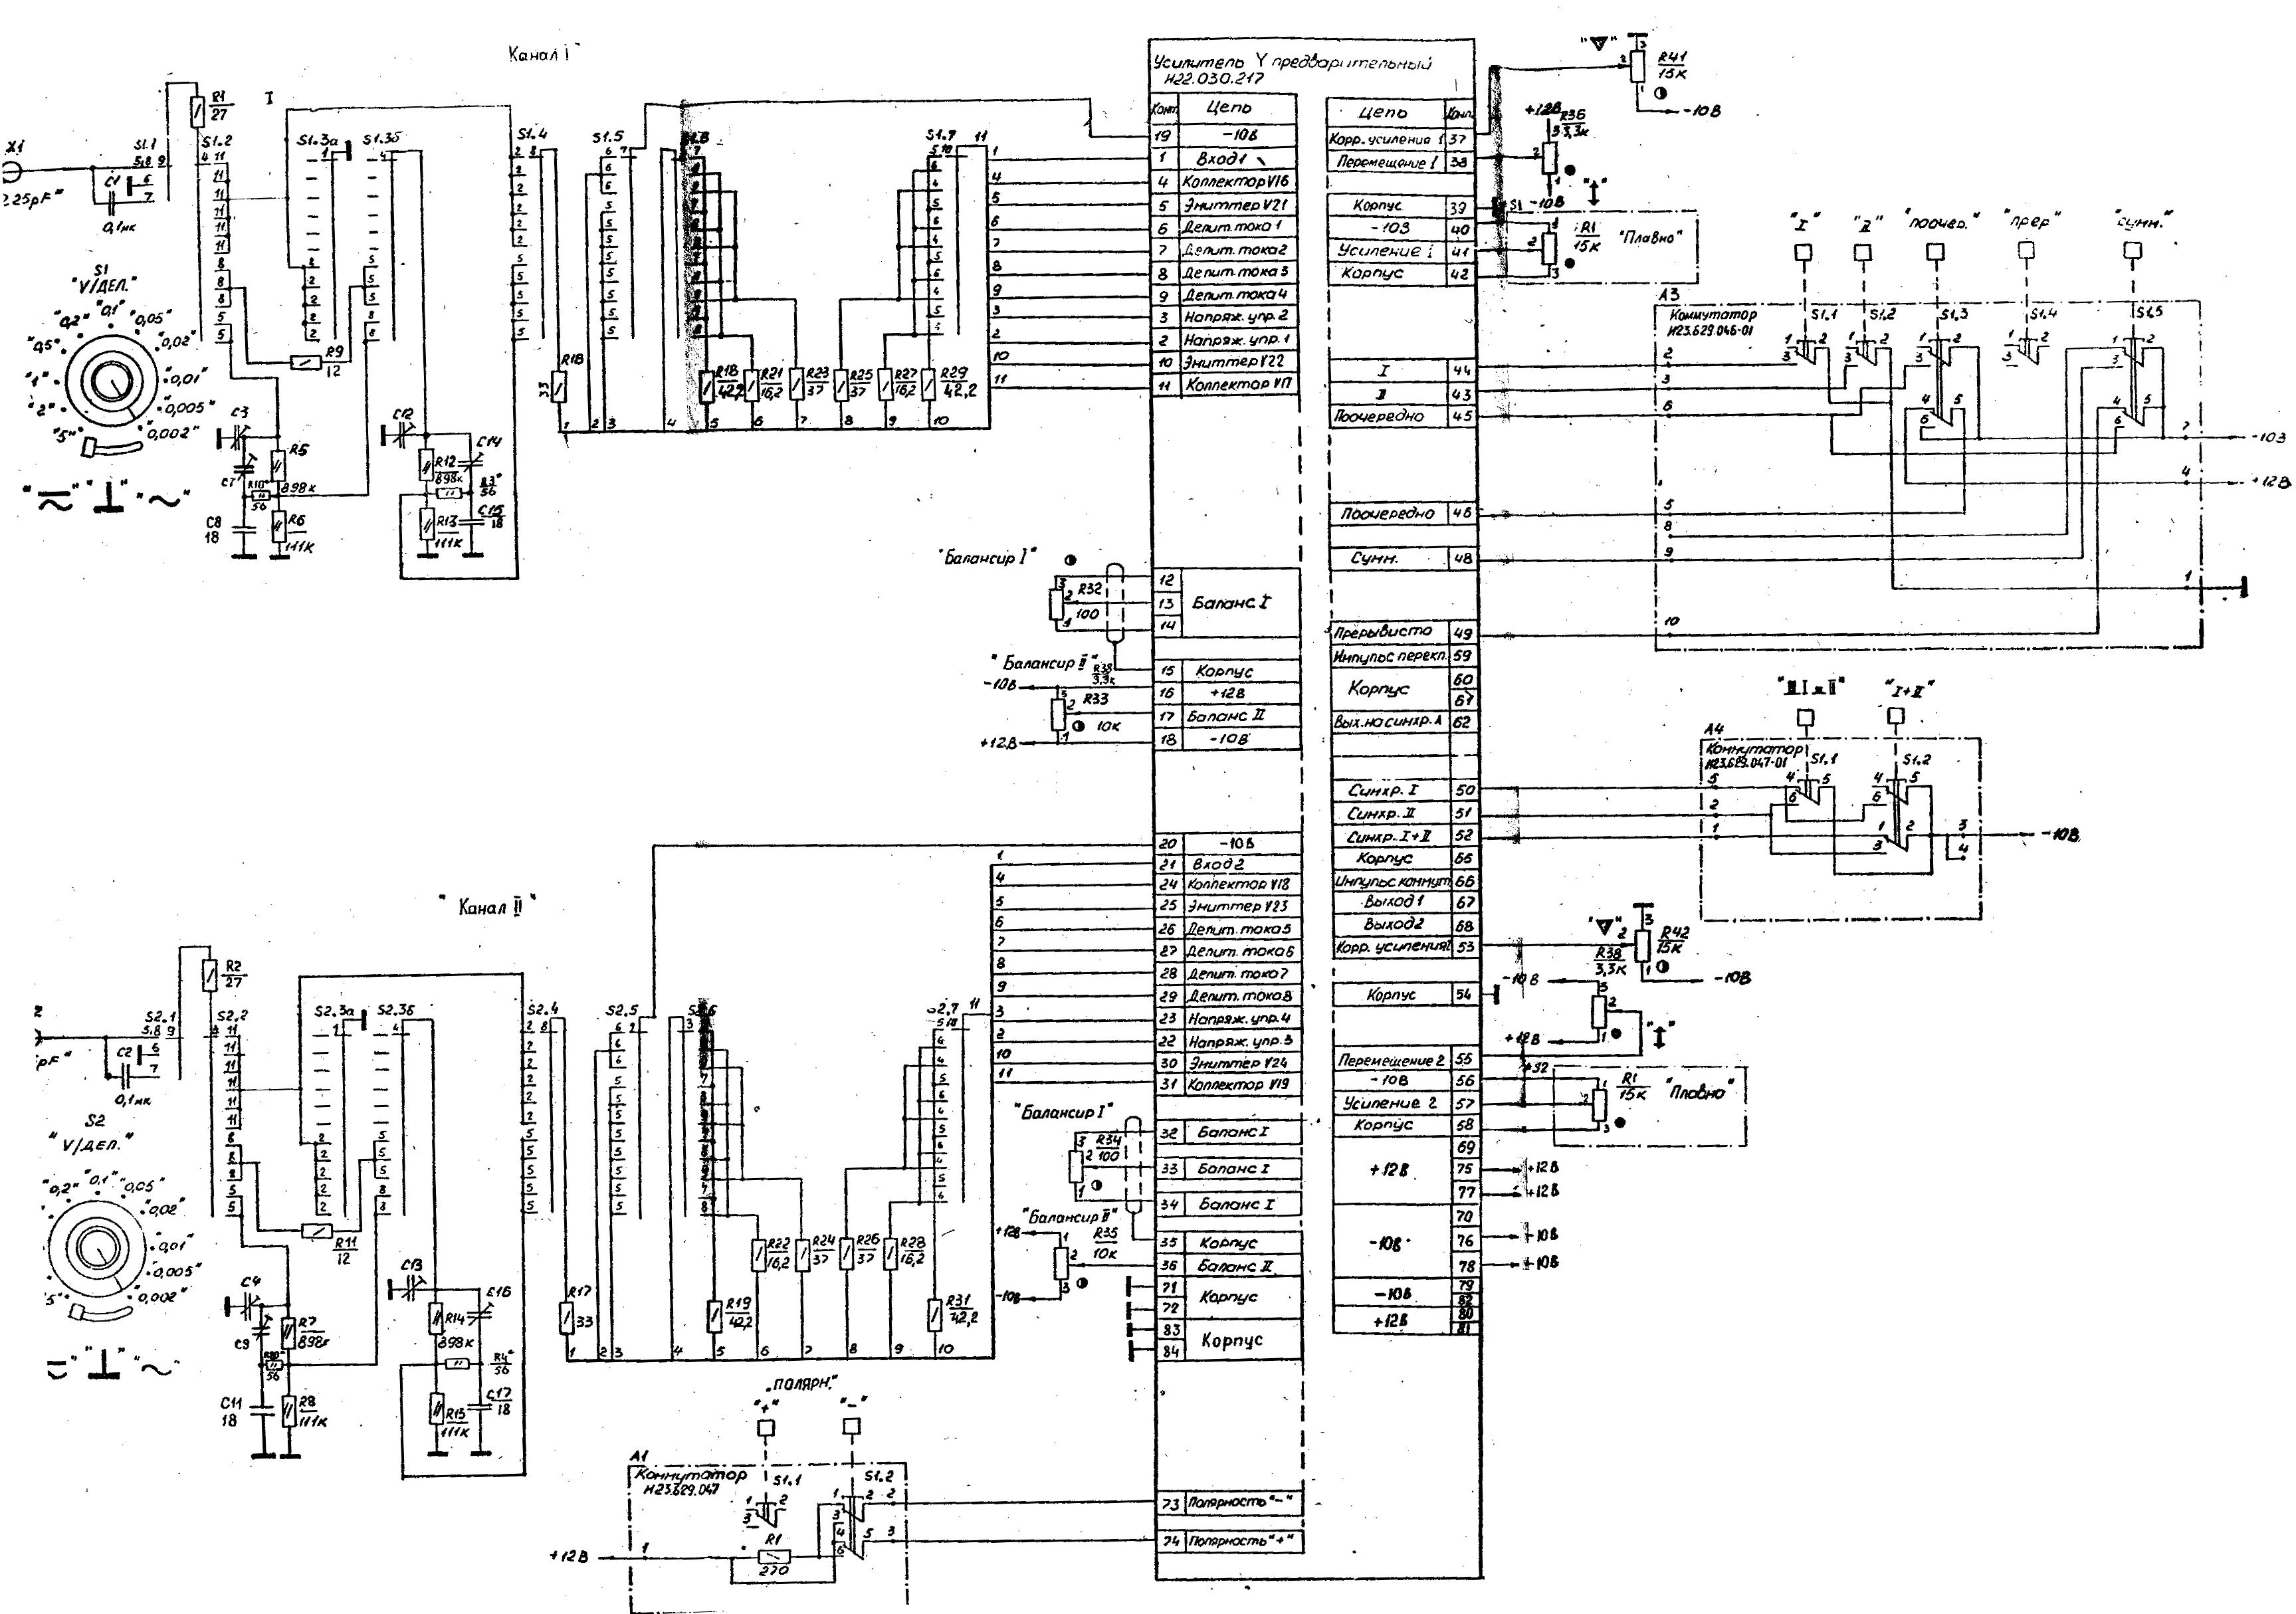 Осциллограф С1-99, схема